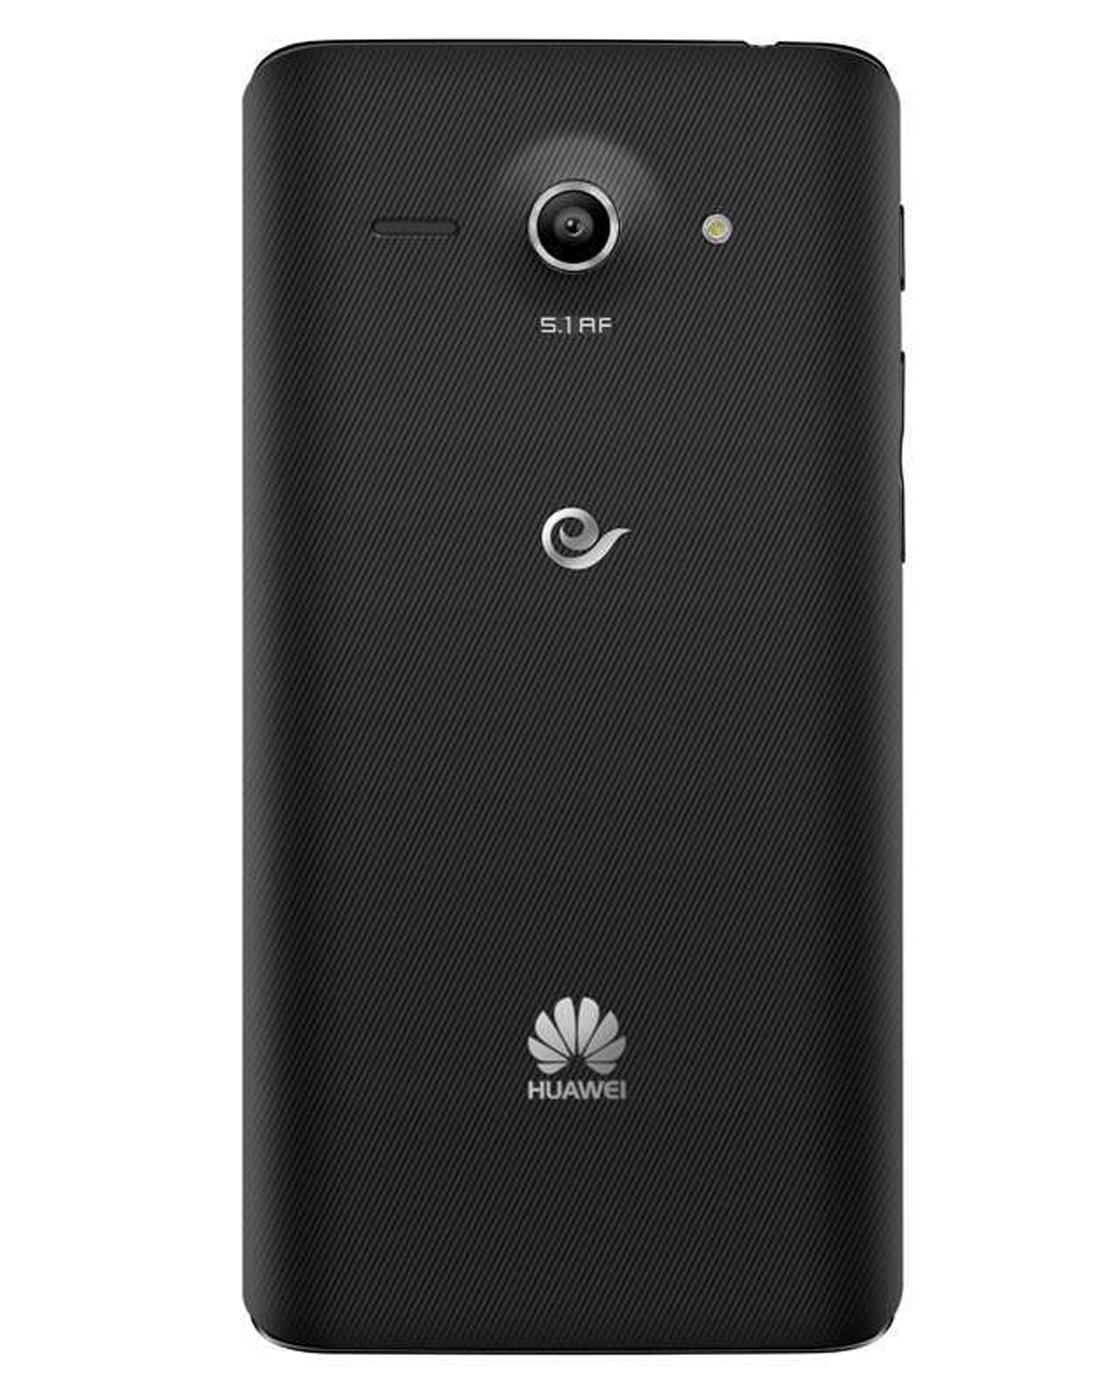 华为c8813q 3g手机(黑)gsm/cdma2000 中国电信合约机